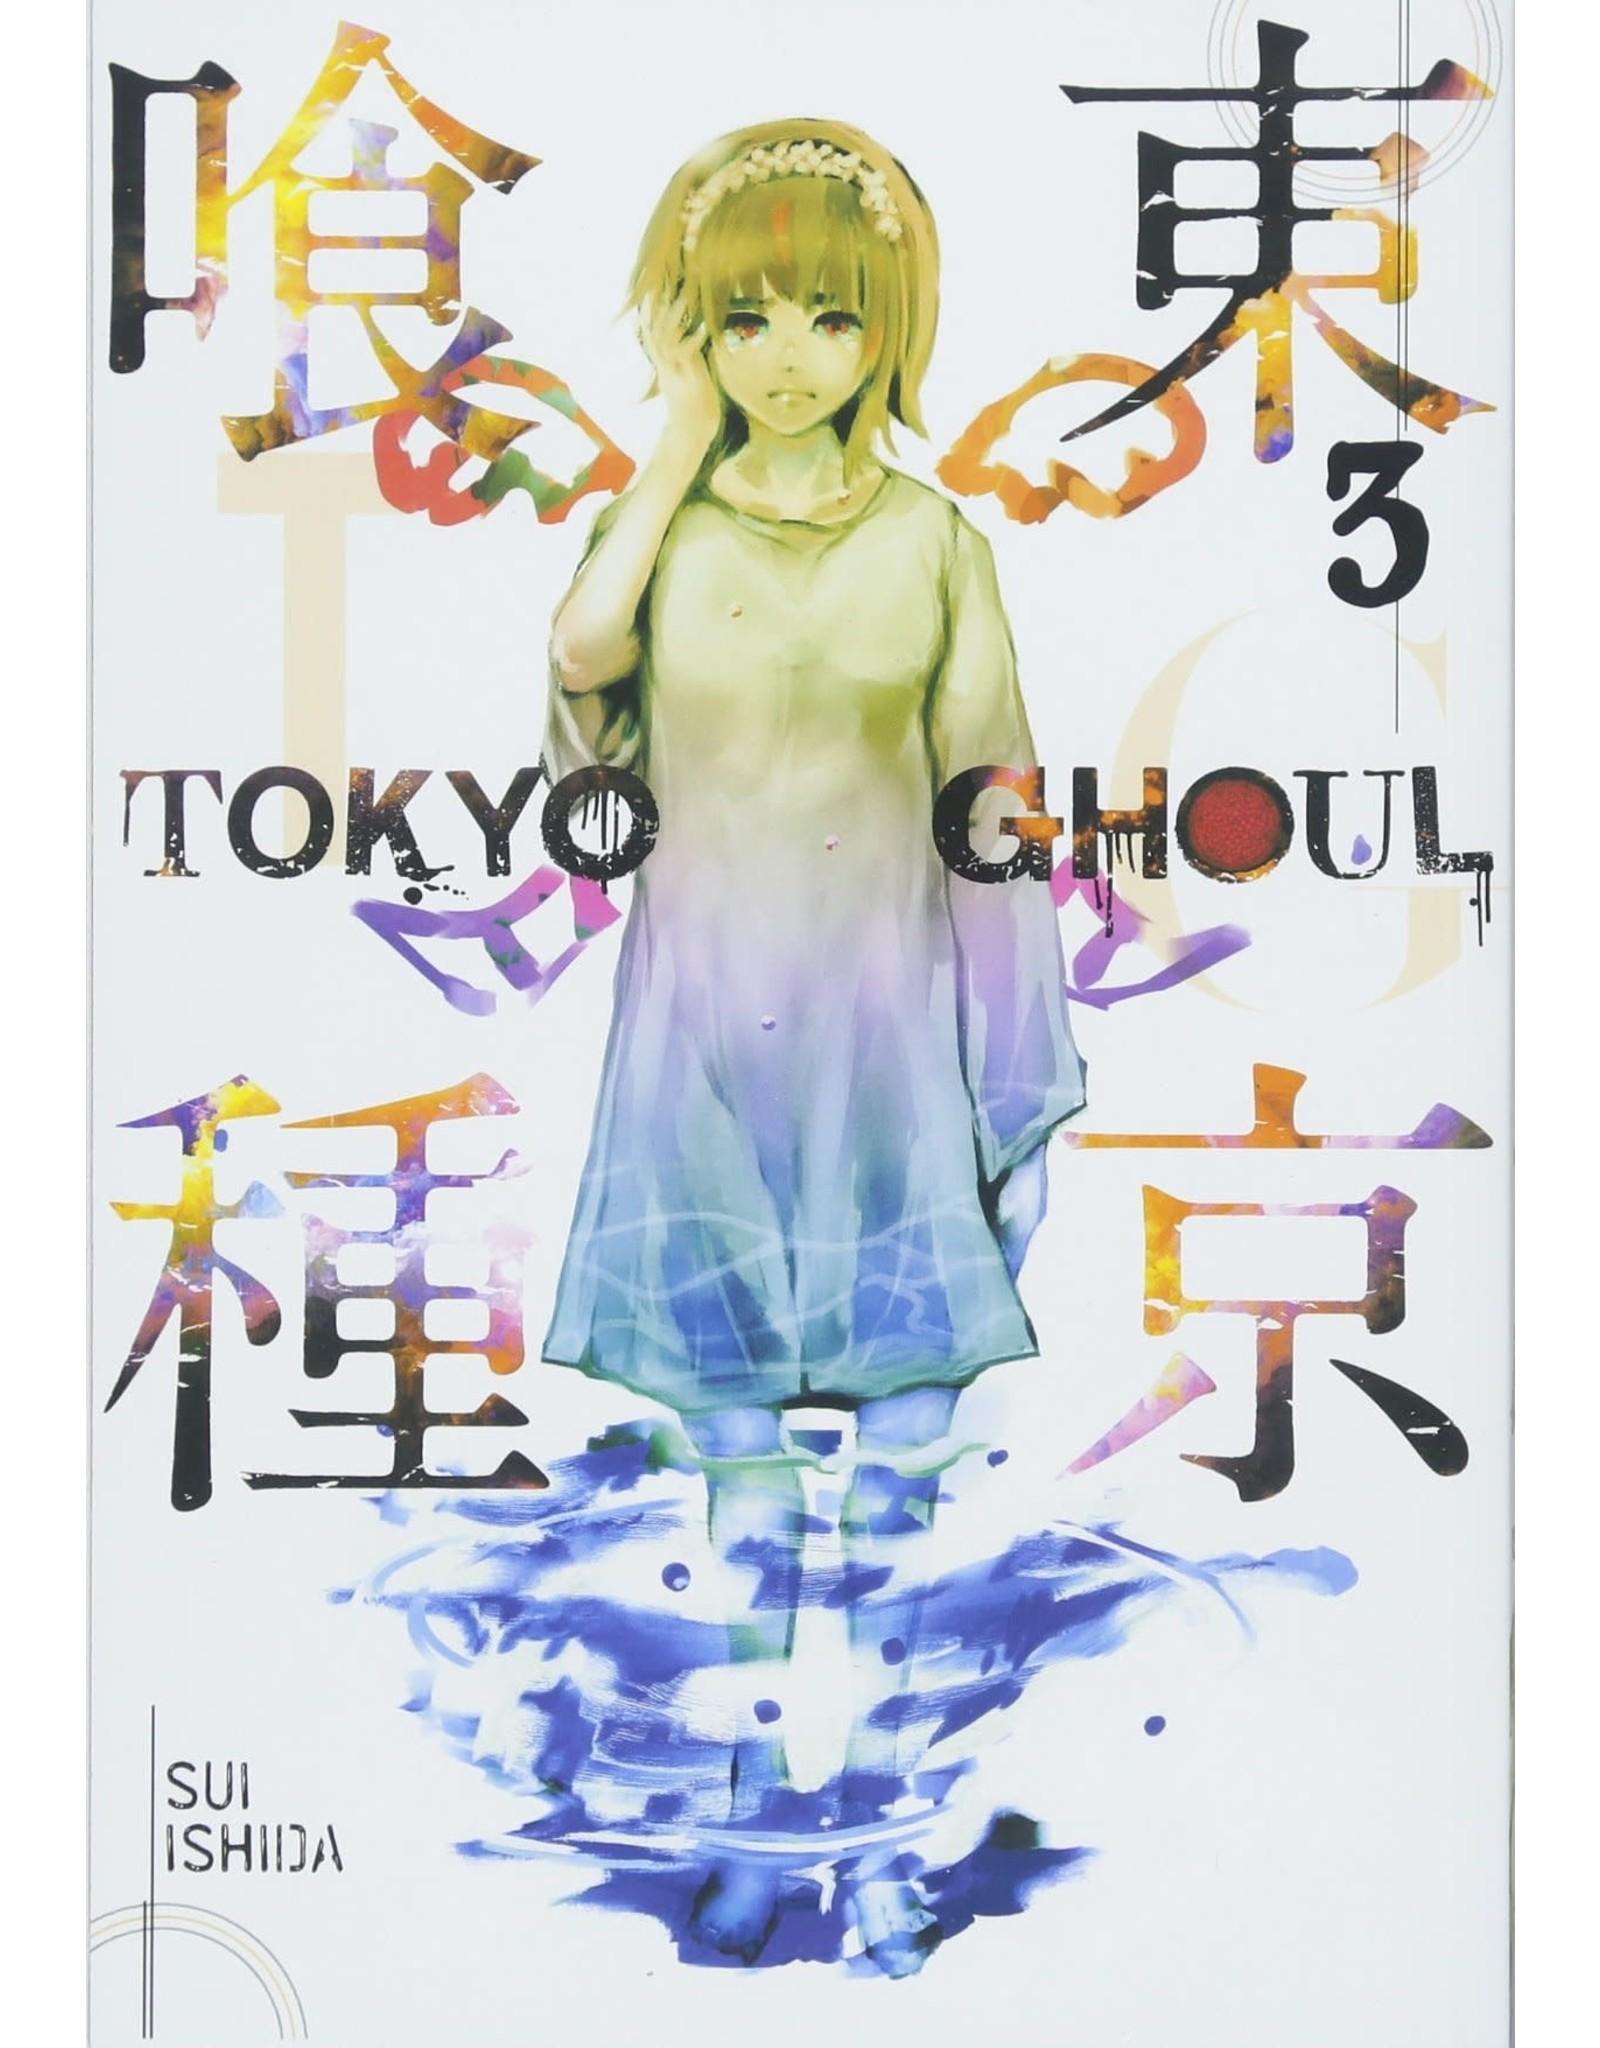 Tokyo Ghoul 03 (Engelstalig)